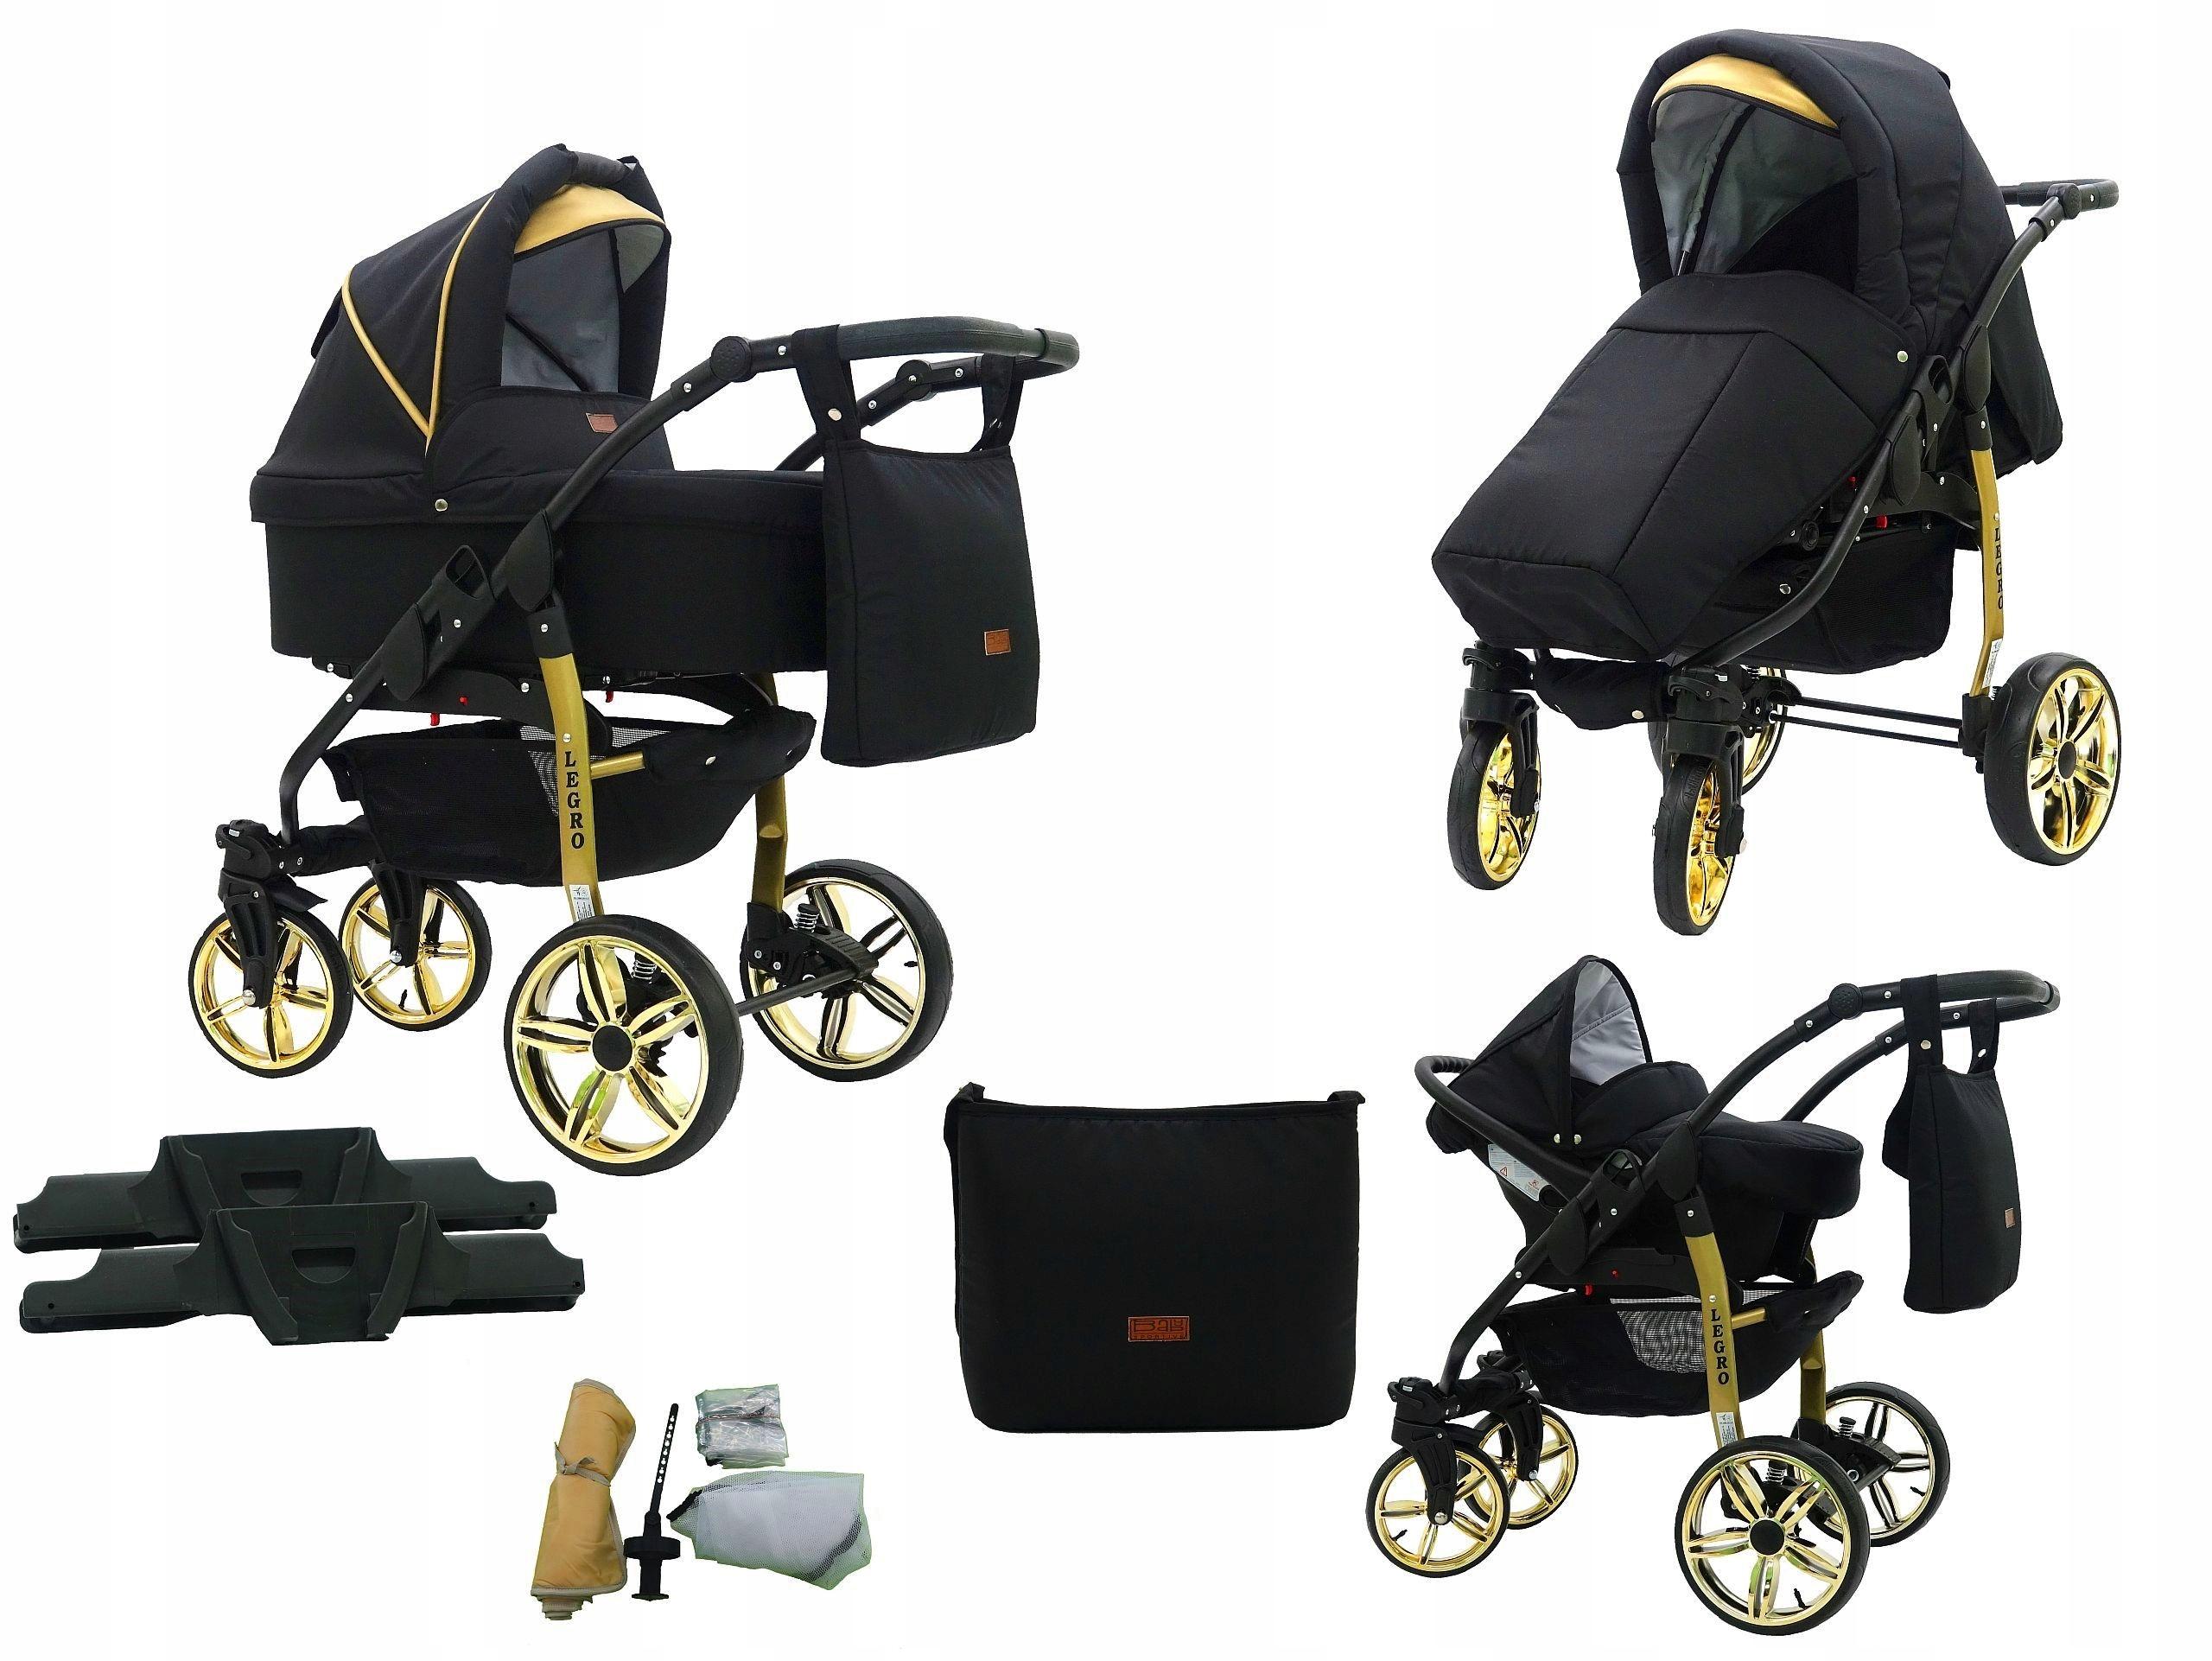 Wózek dziecięcy LEGRO 3W1 GOLD KAREX